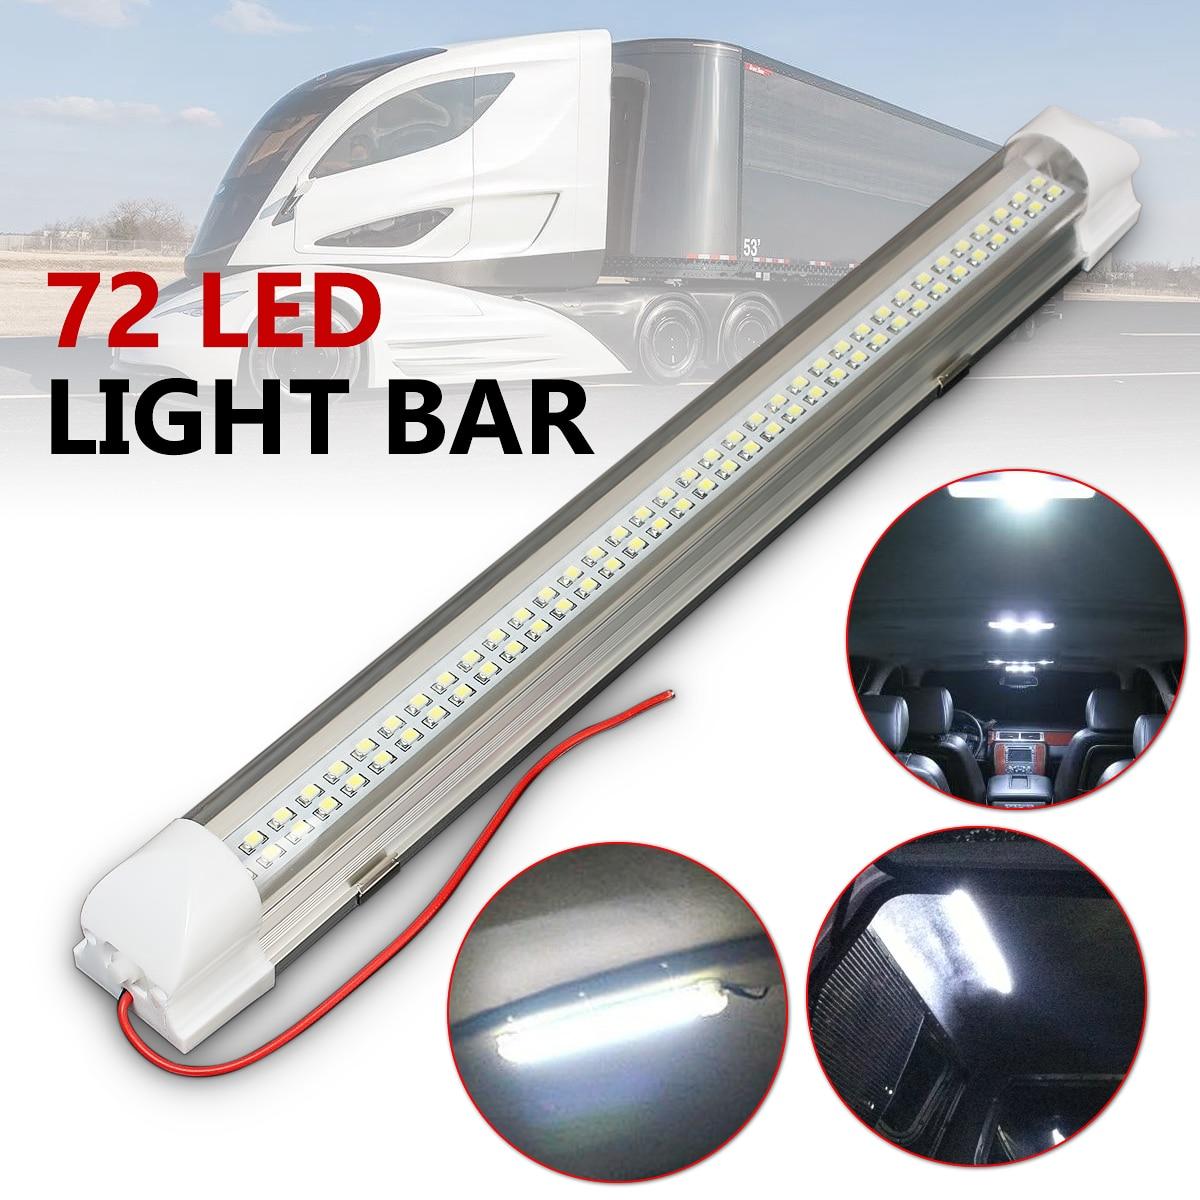 12V 2,5 W 72 светодиодный Домашний Светильник для автофургона, автобуса, каравана, бар, полоса, лампа с переключателем вкл/выкл, универсальный автомобильный Стайлинг, автомобильные аксессуары